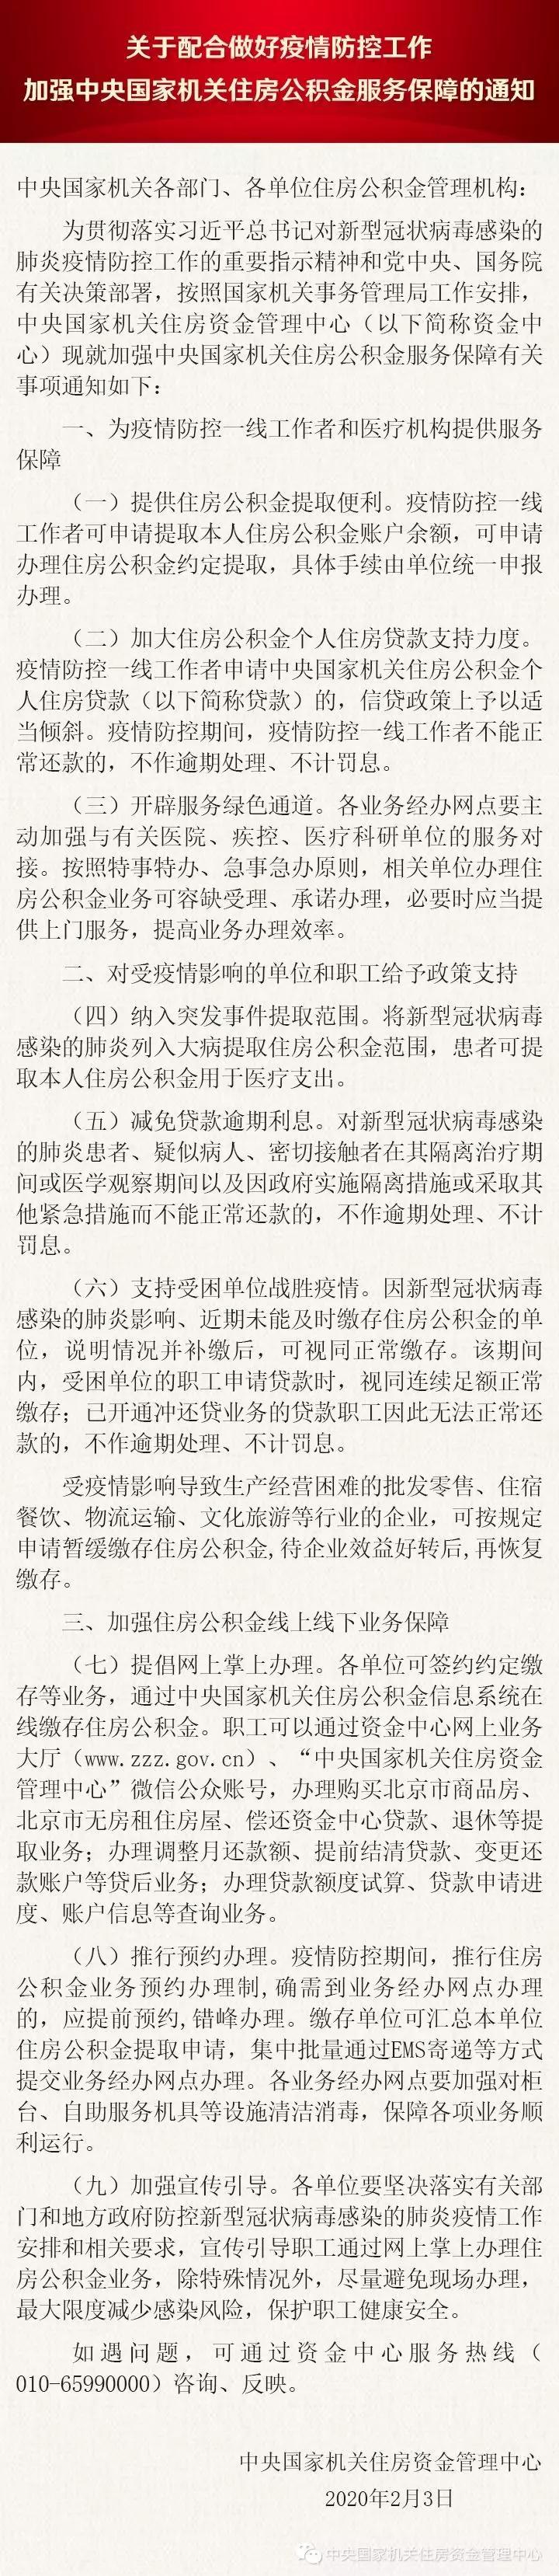 """武汉一名市民""""被吸毒""""7年警方多年未纠错"""